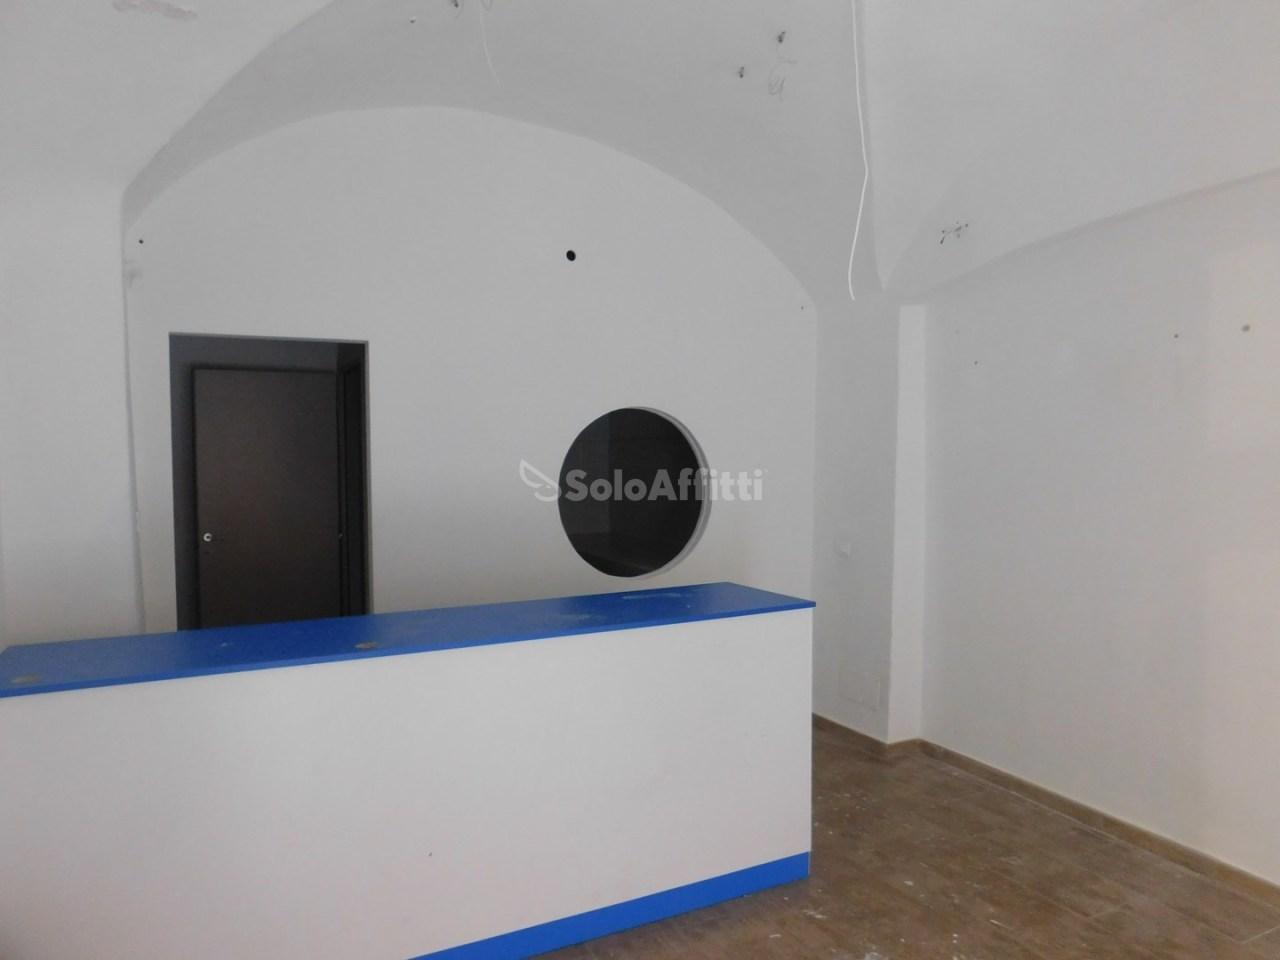 Negozio / Locale in affitto a Savona, 1 locali, prezzo € 950 | PortaleAgenzieImmobiliari.it